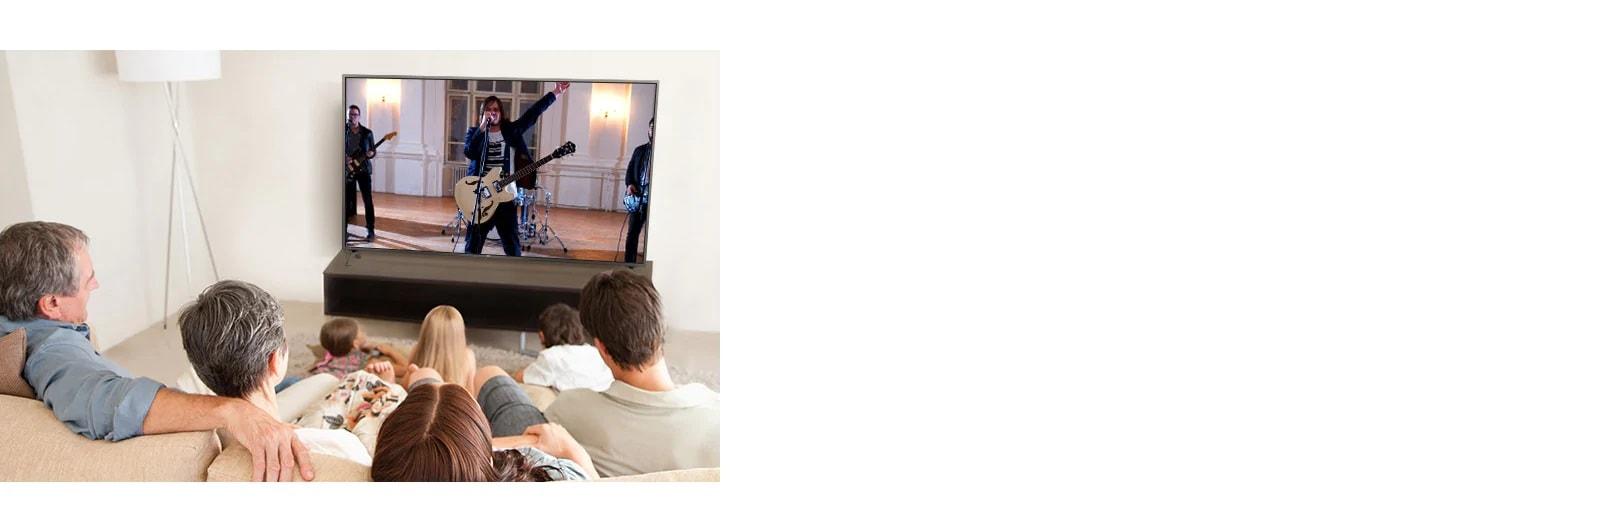 Семья из семи человек находится в гостиной и смотрит фильм. На экране выступает группа музыкантов.